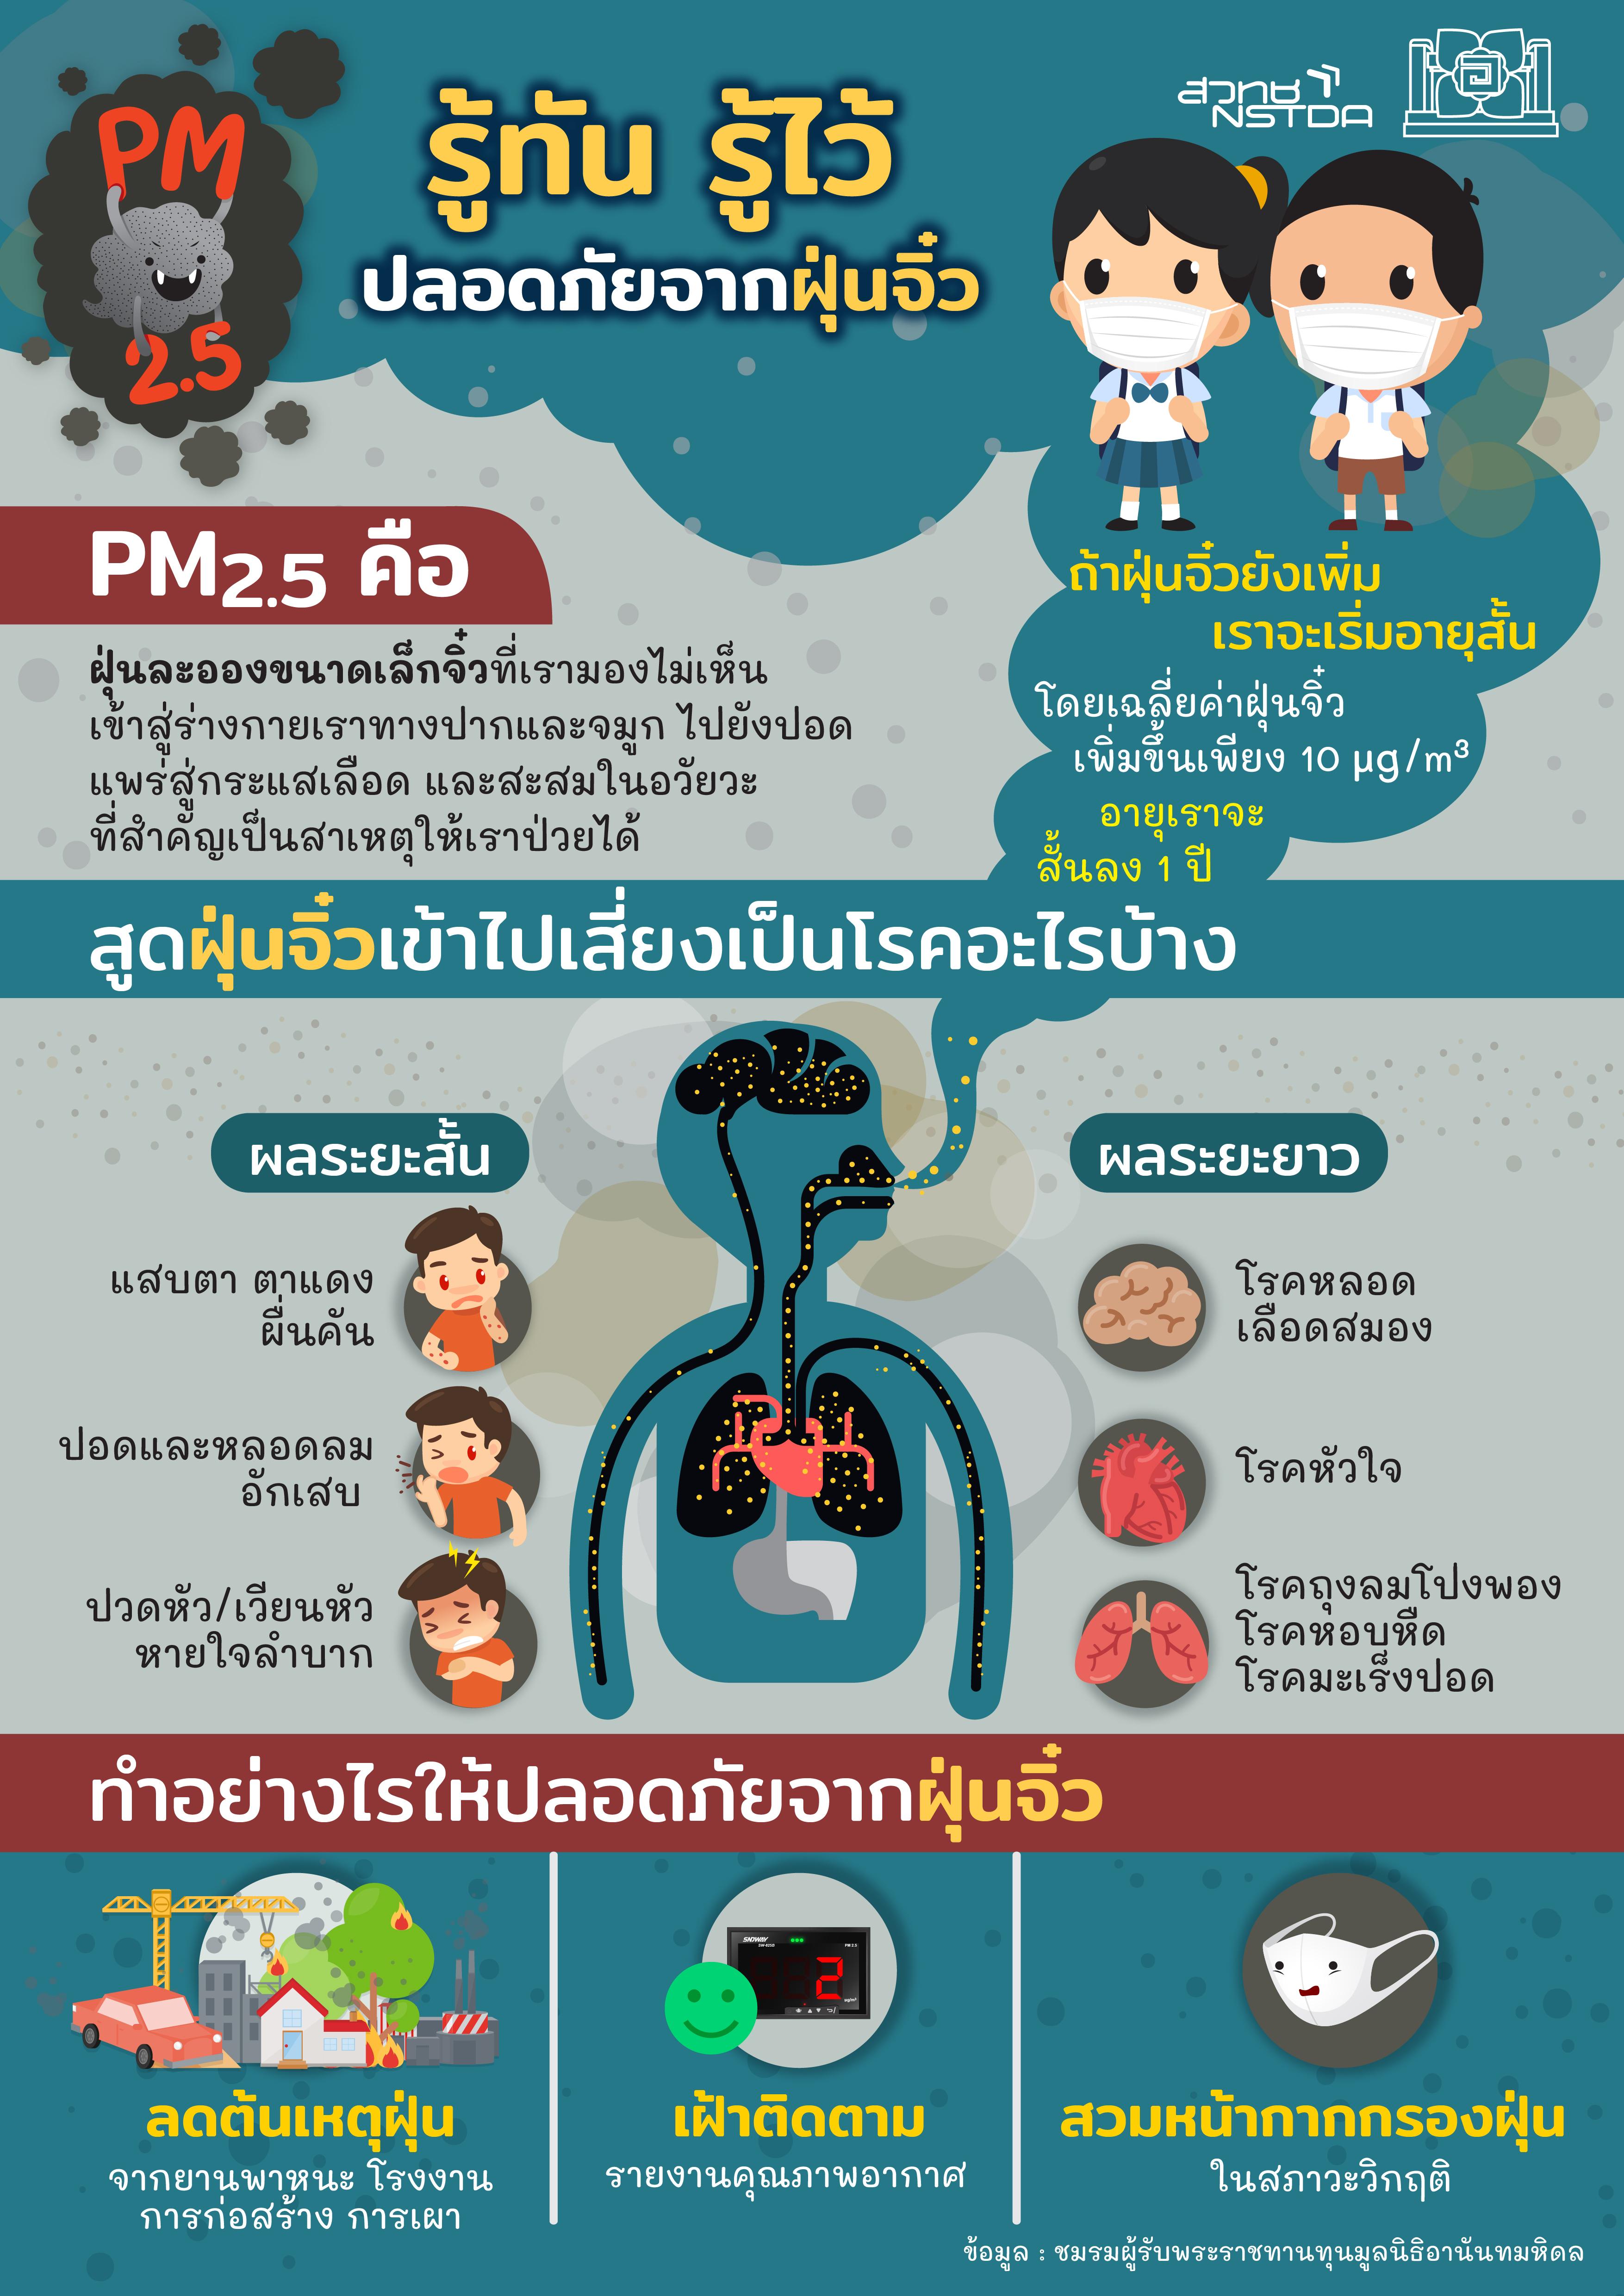 รู้ทัน รู้ไว้ ปลอดภัยจากฝุ่นจิ๋ว PM2.5